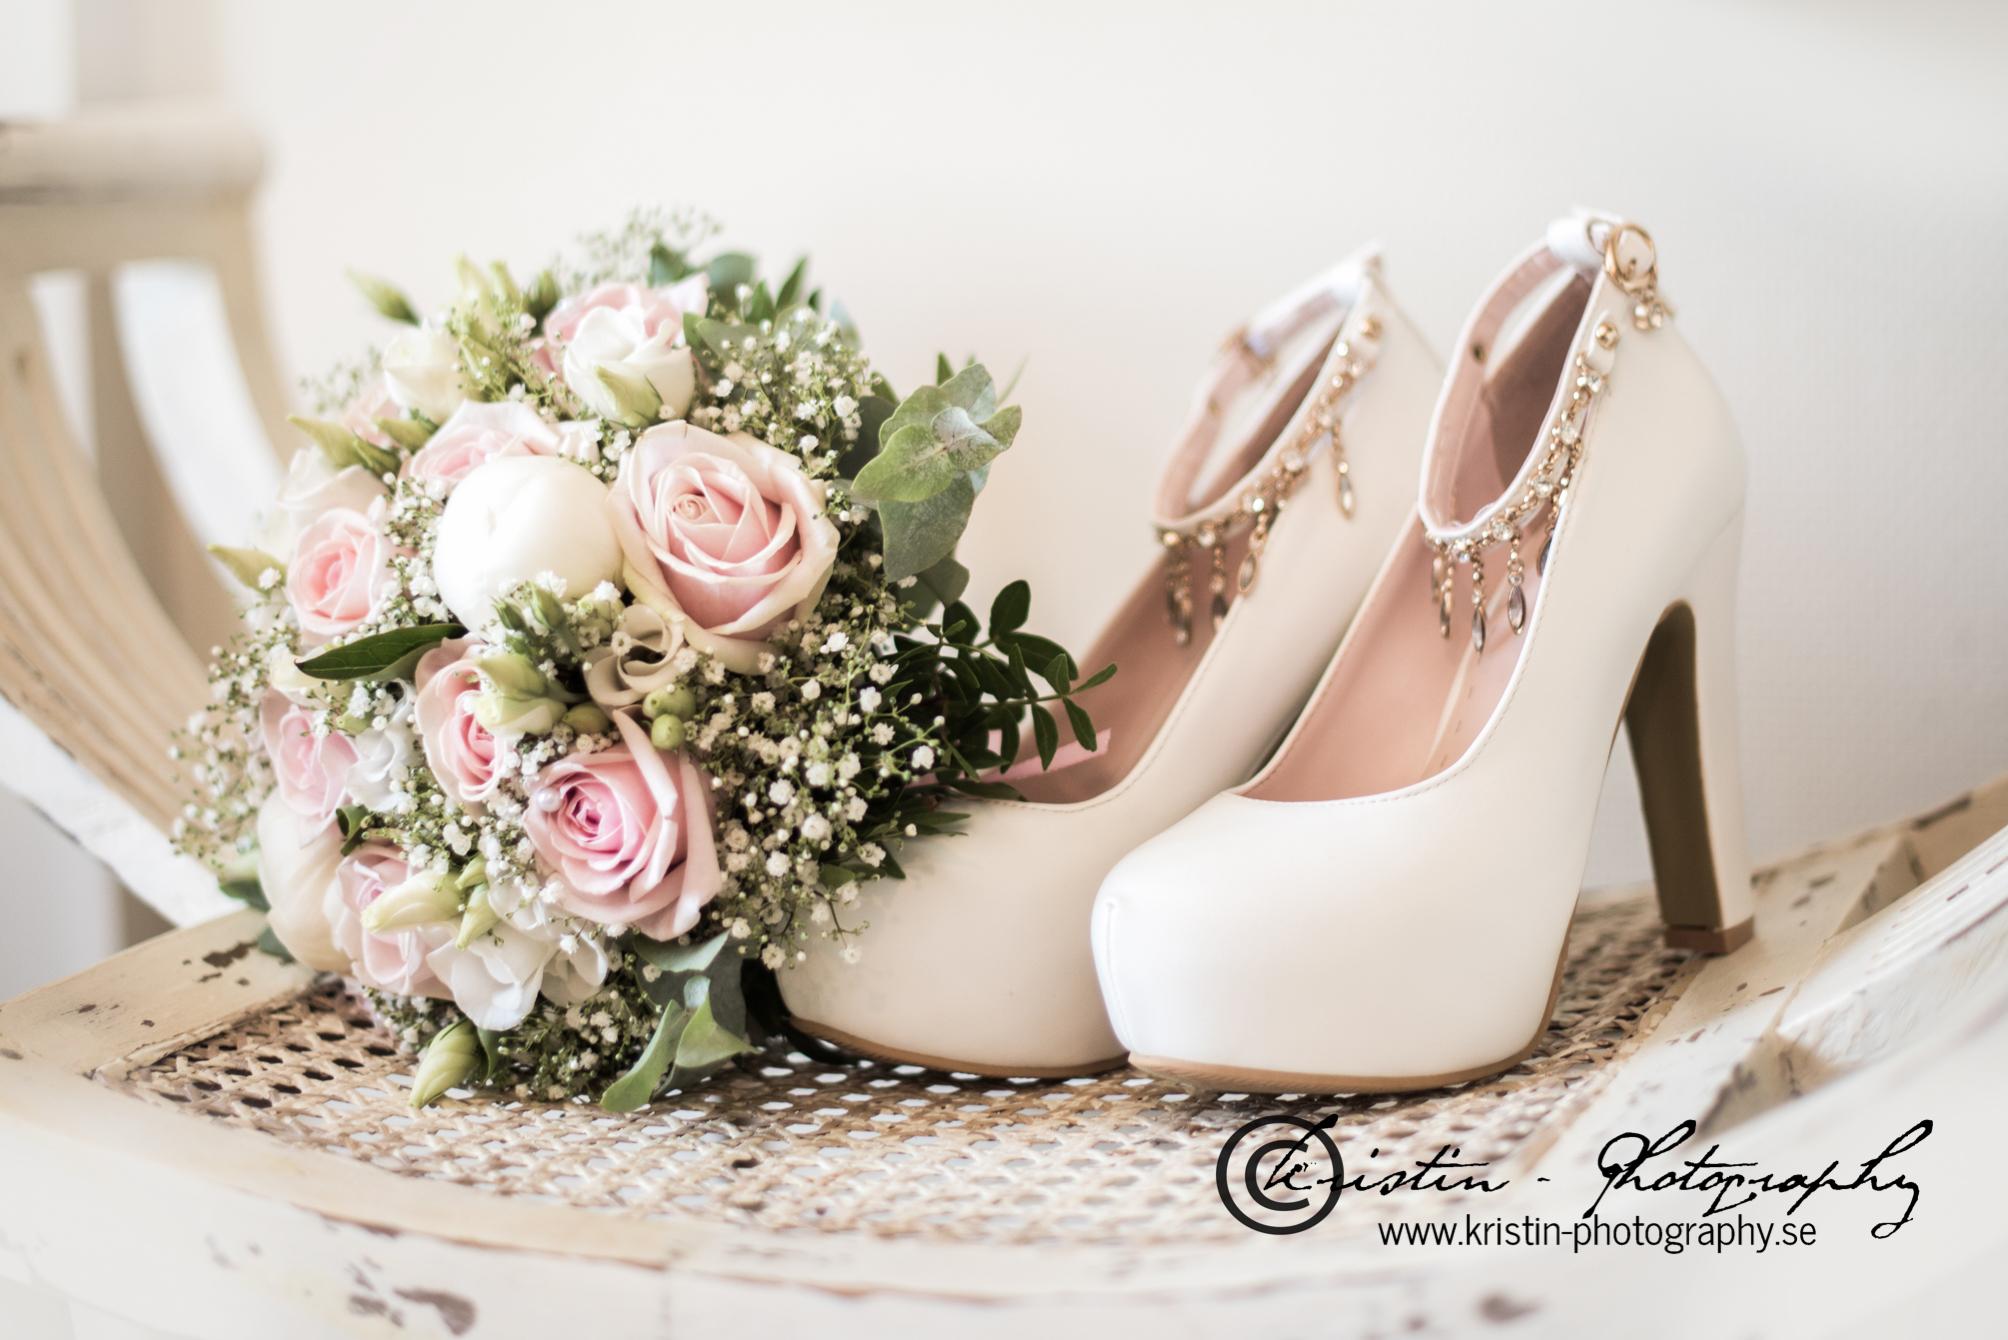 Bröllopsfotograf i Eskilstuna, Kristin - Photography, weddingphotographer -57.jpg